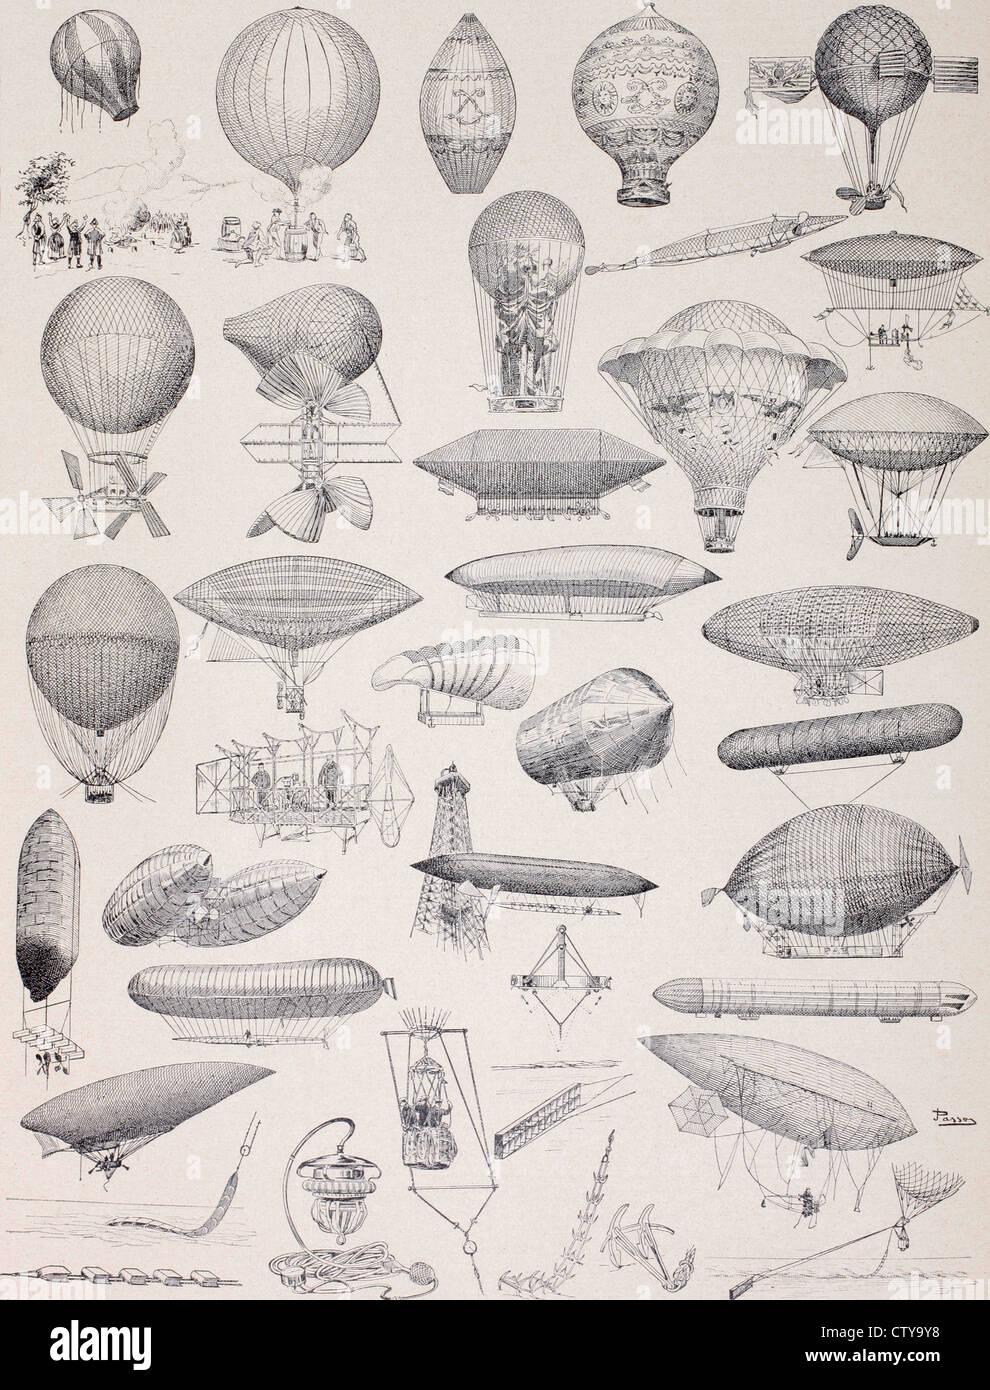 Los globos de aire caliente a lo largo de la historia... Imagen De Stock